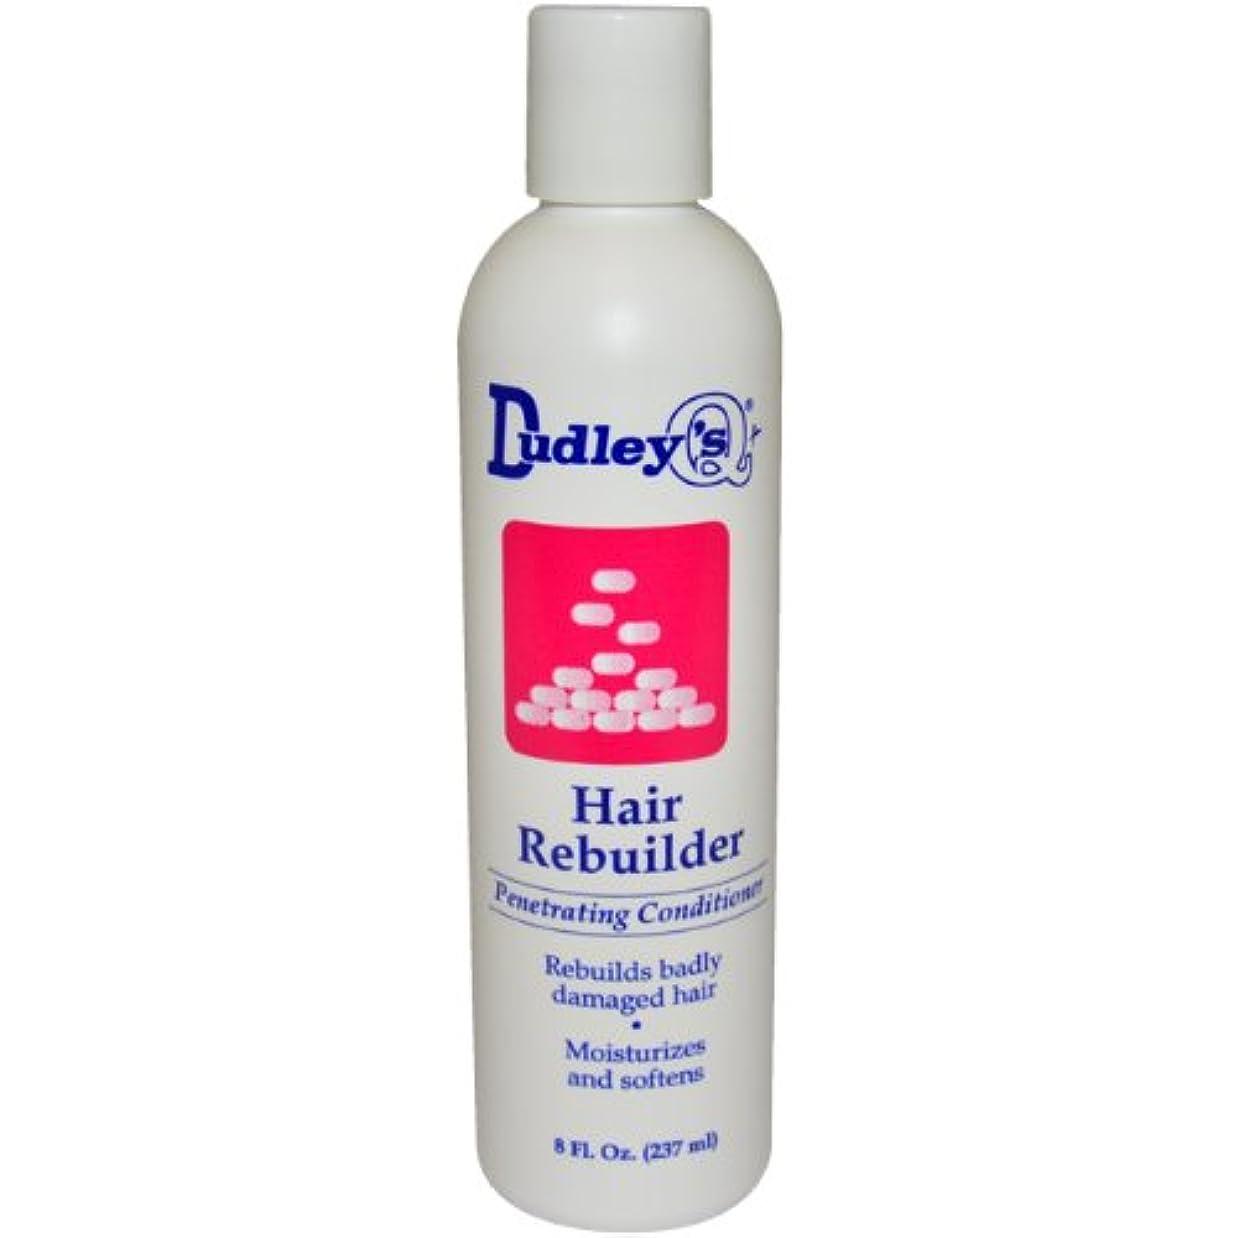 誕生タンク落胆するDudley's 髪の再建浸透性ユニセックスコンディショナー、8オンス 小さい 白